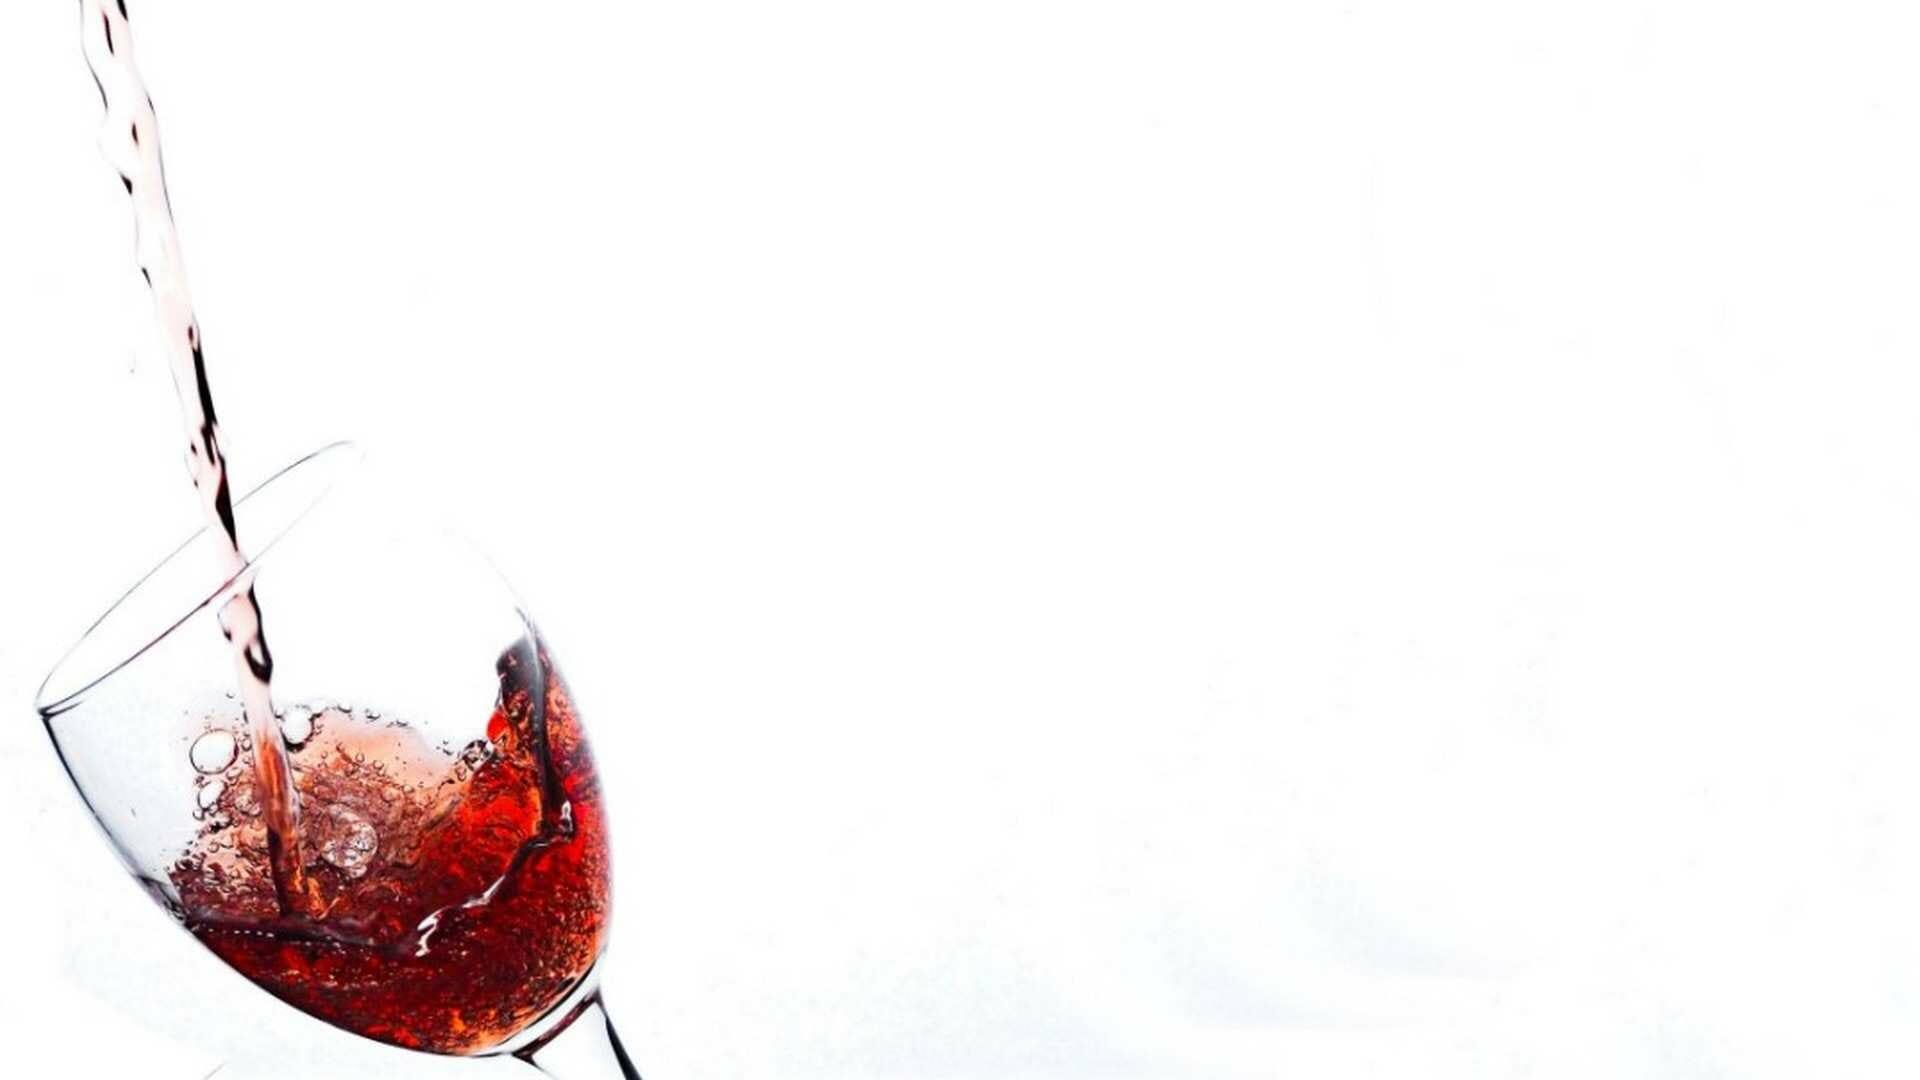 """¿Cómo servir una copa de vino? 5 conceptos básicos para servir el vino y hacerlo """"bien"""""""